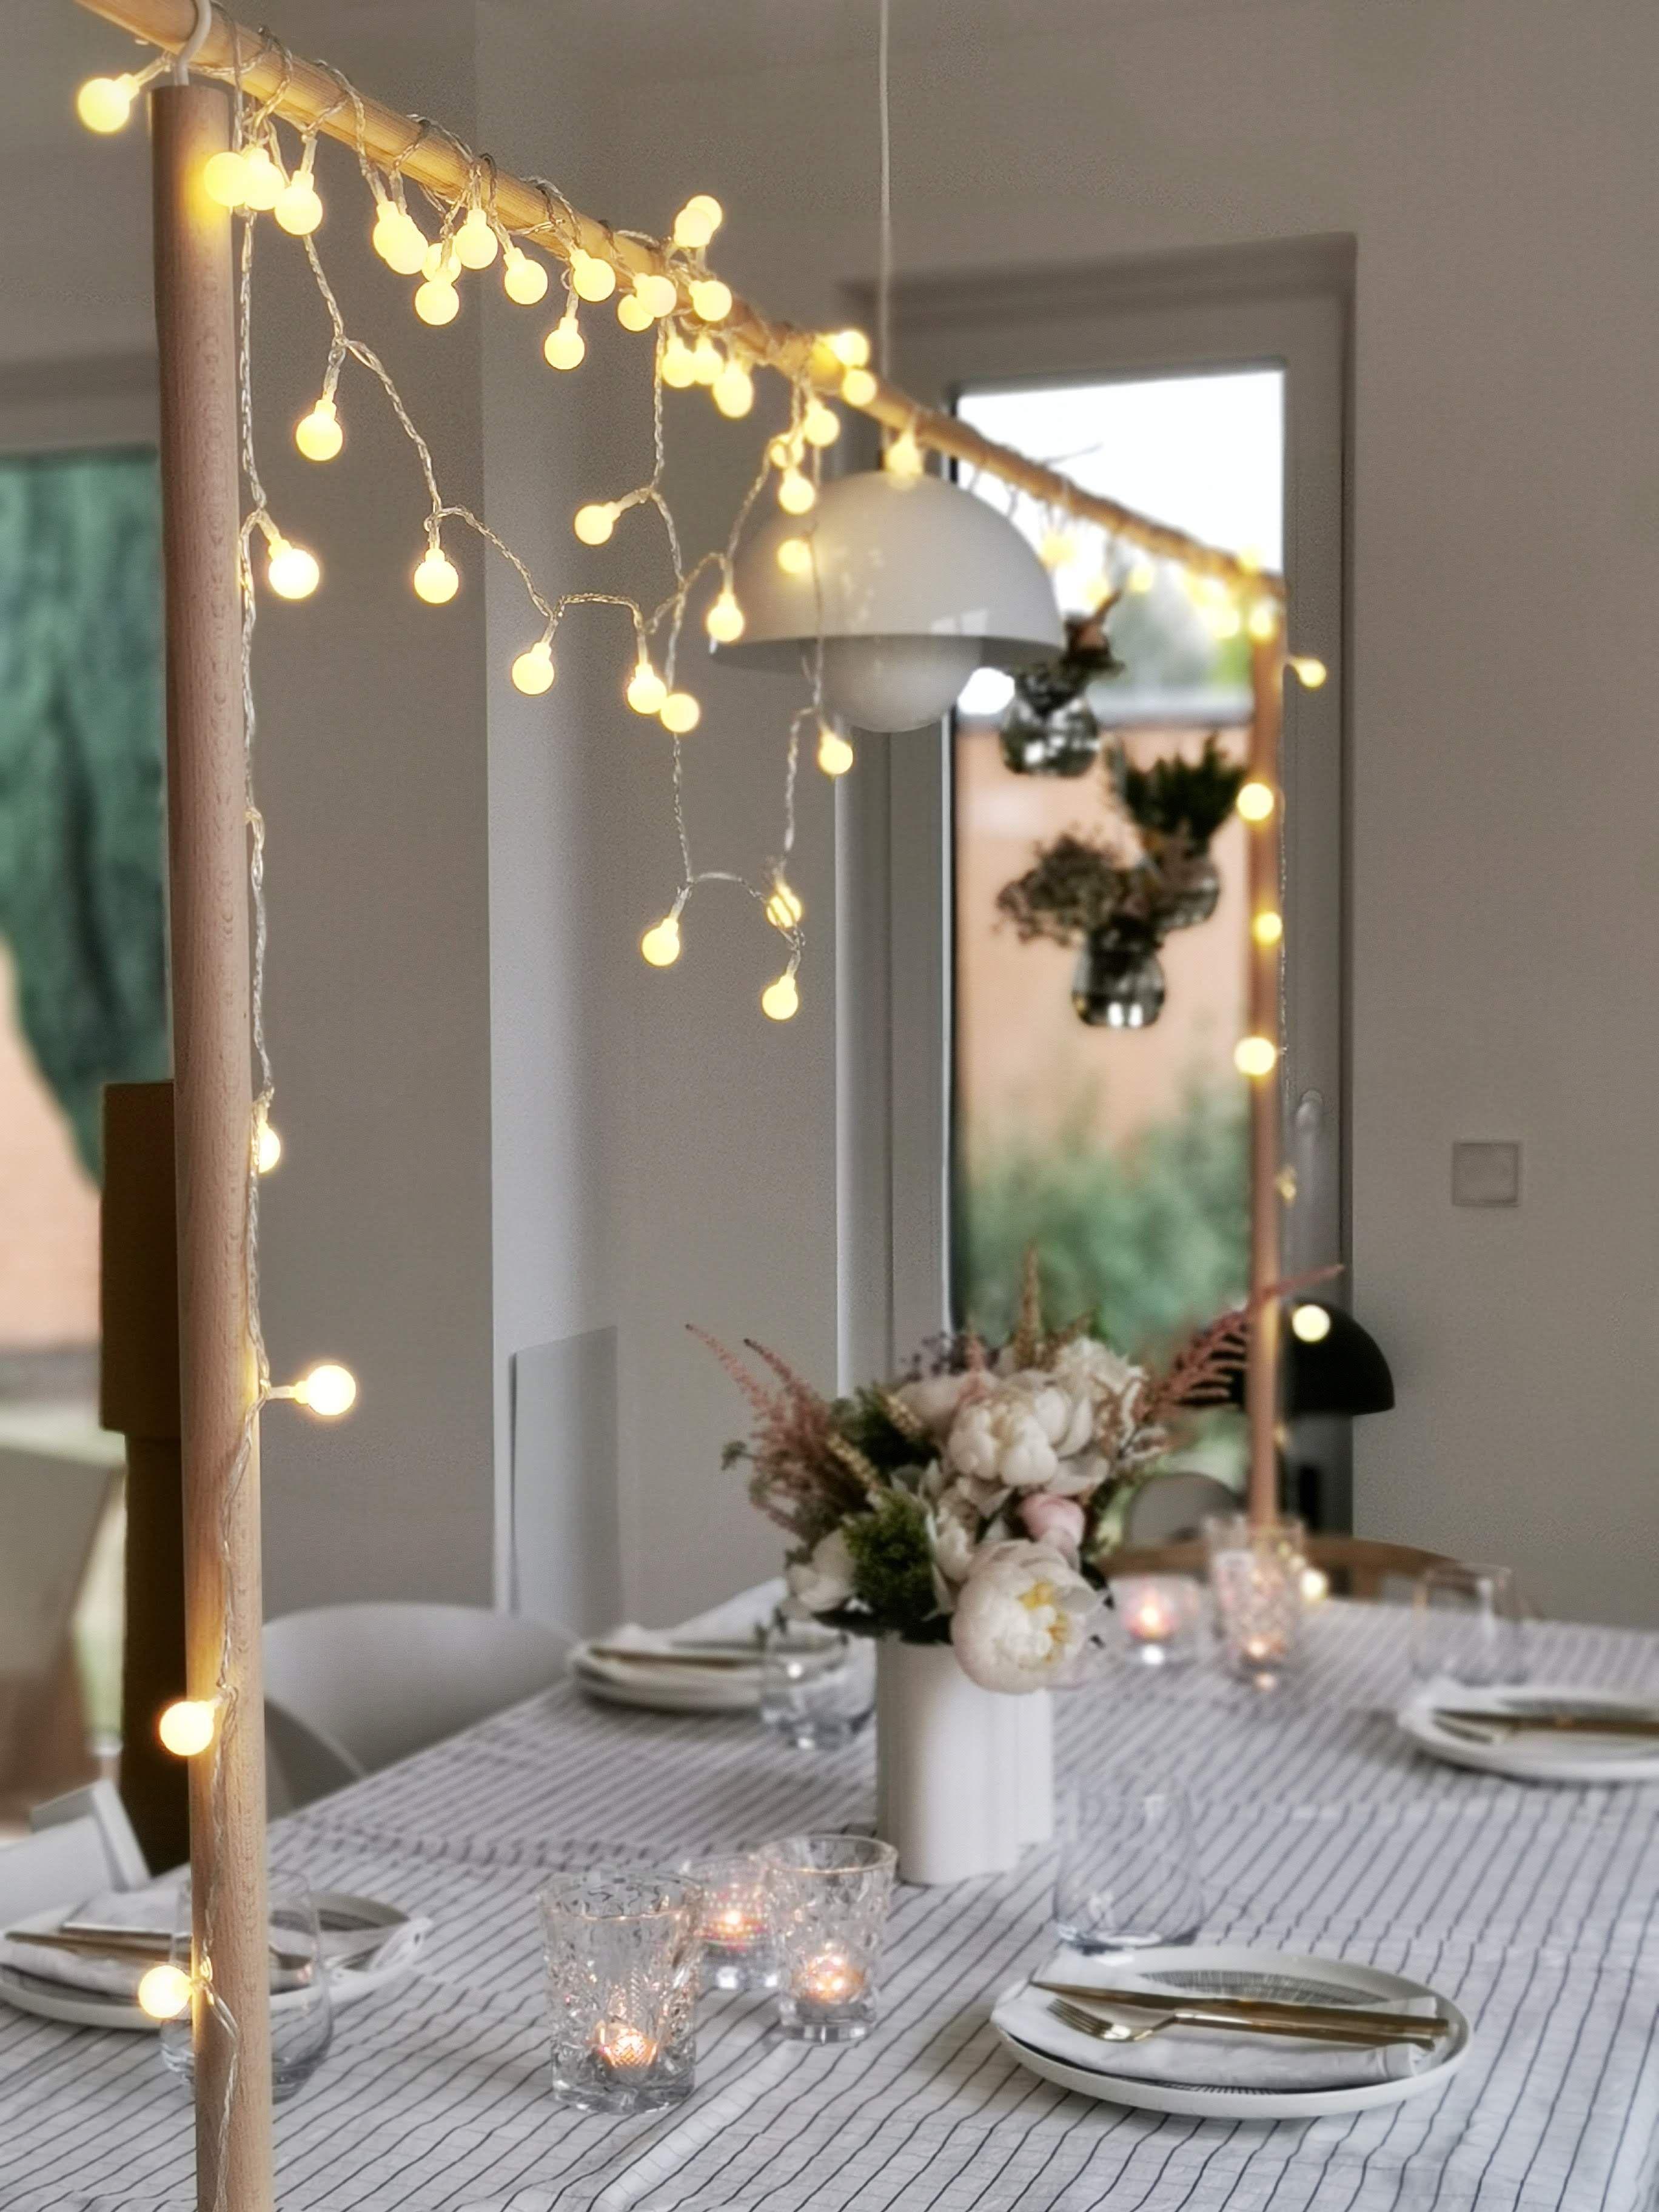 Diy Tafelklemme Fur Das Halten Hangender Deko Uber Dem Tisch Mammilade Com Deko Wohnung Weihnachten Wohnung Weihnachten Weihnachtsdekoration Wohnung